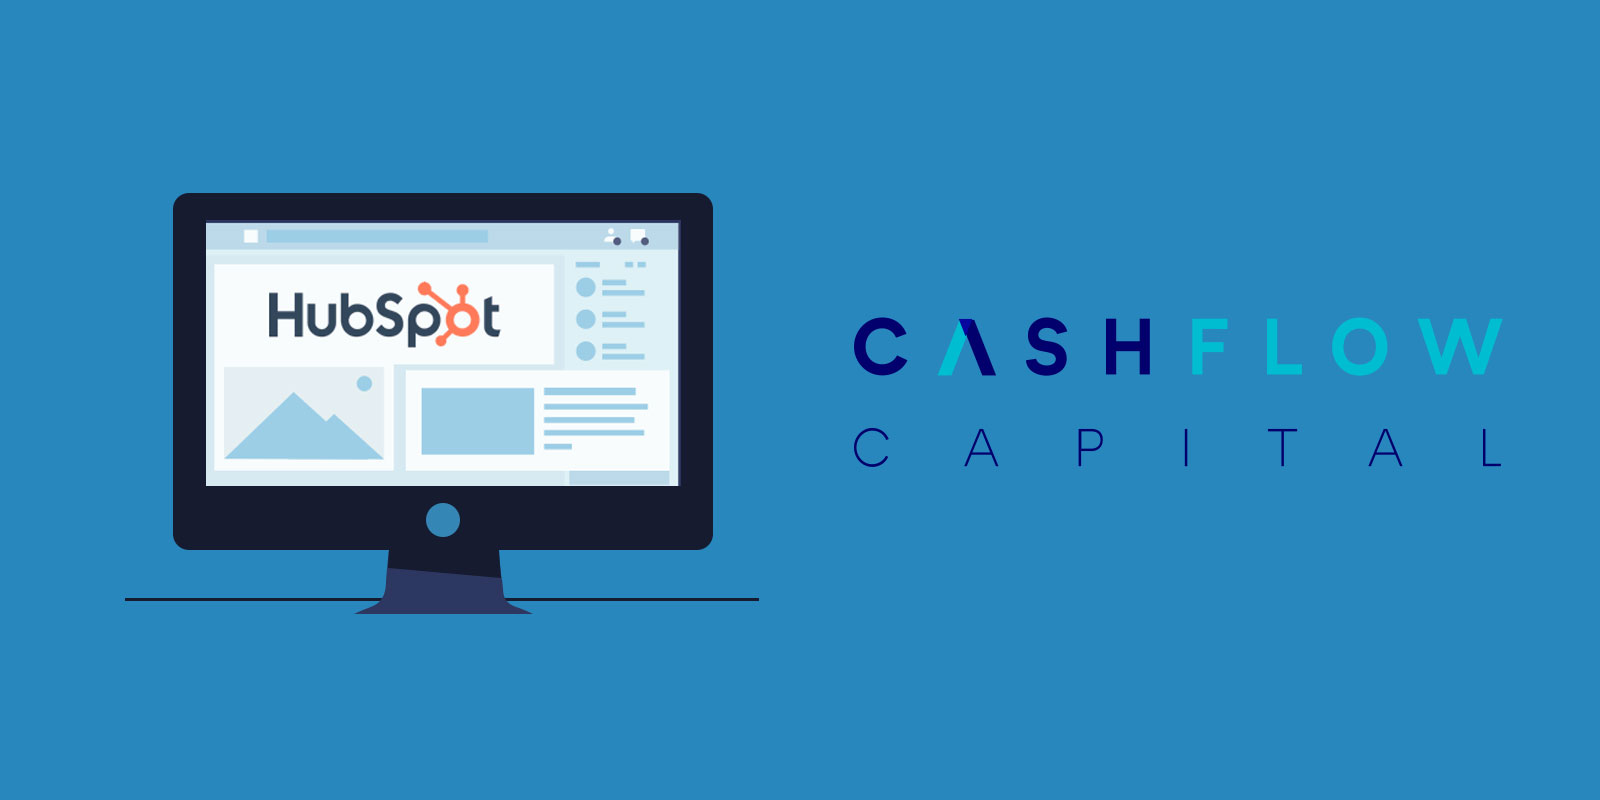 CashFlow Capital HubSpot